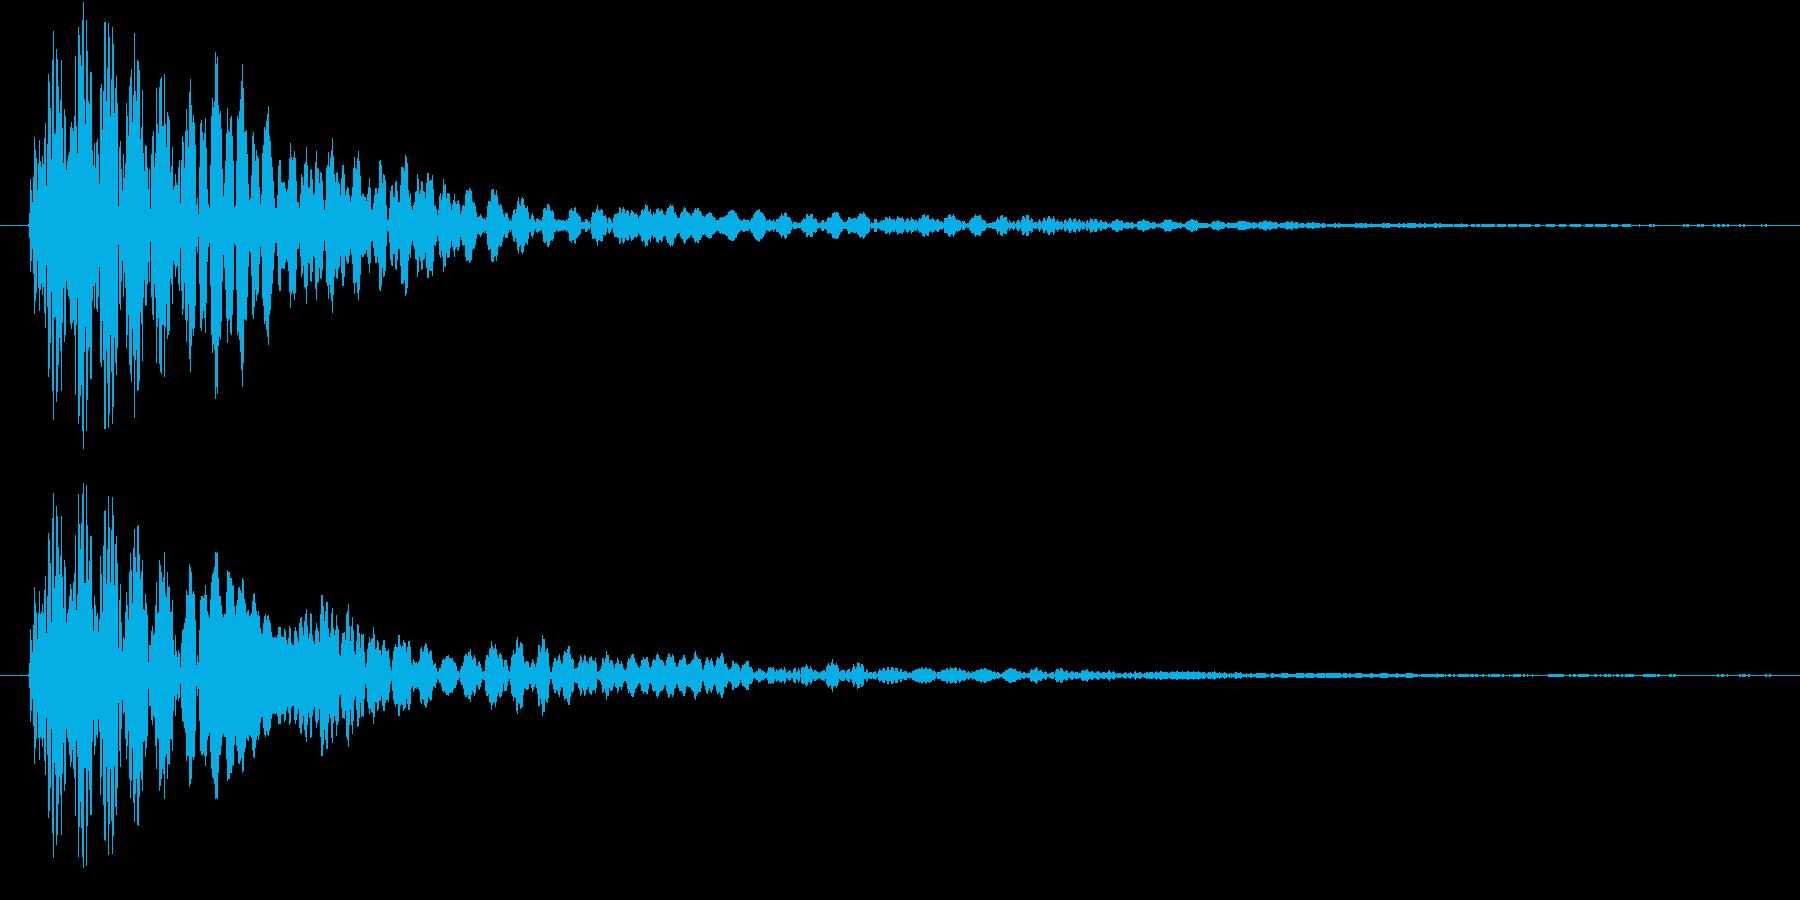 マリンバによるキャンセル音の再生済みの波形